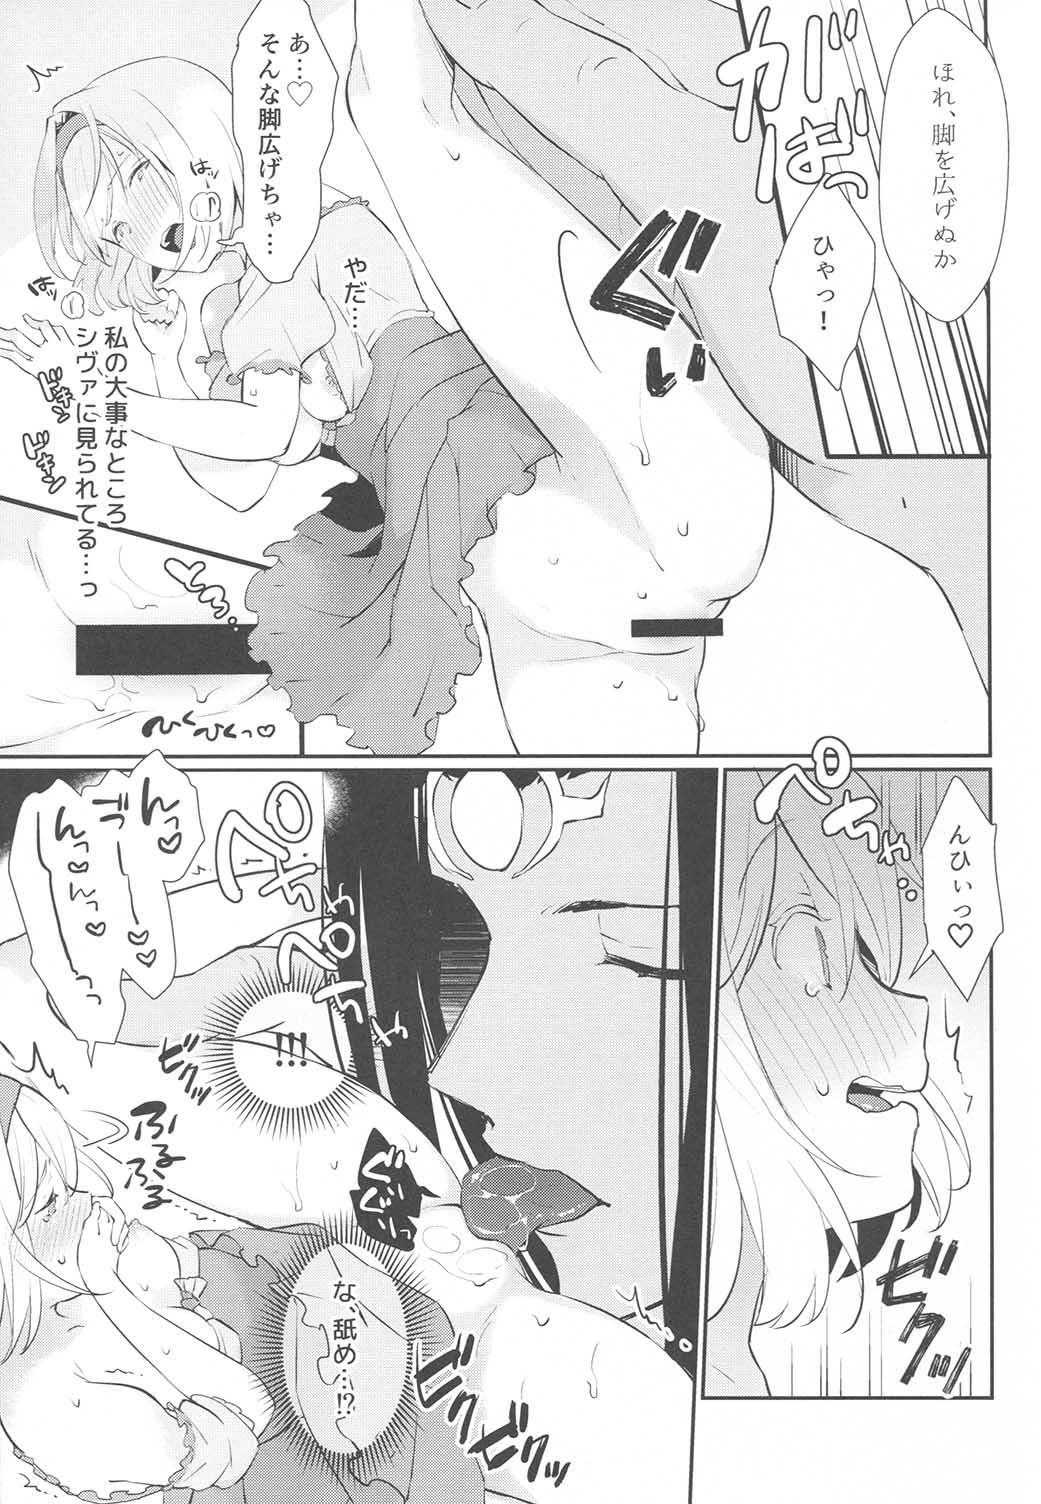 Koyoi, Watashi no Hajimete o Anata ni Sasagemasu 7